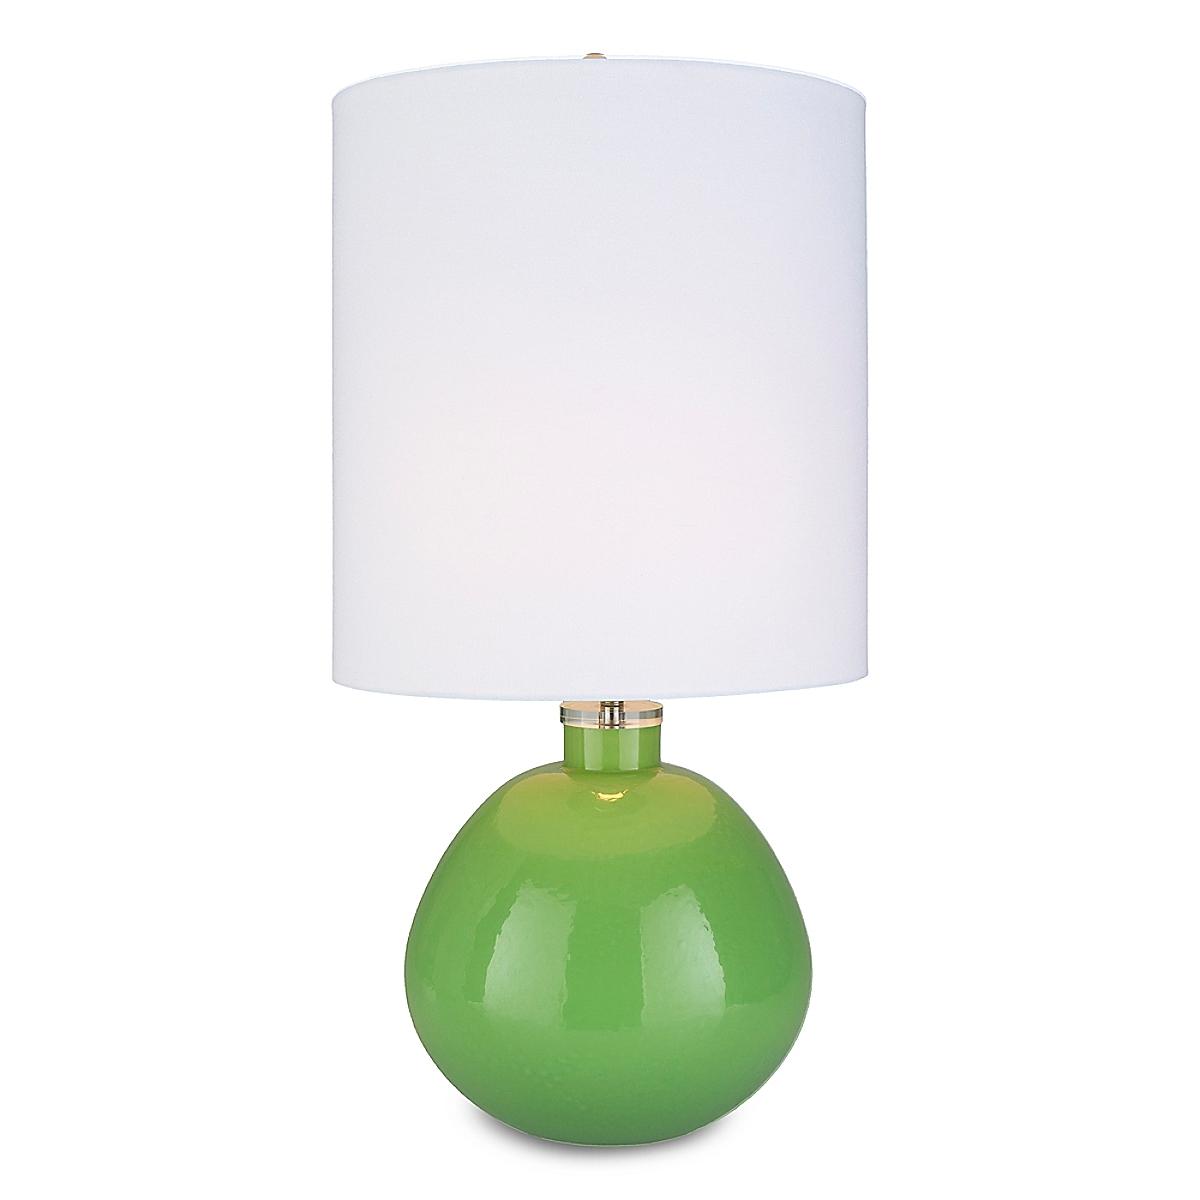 Dottie Table Lamp - Green